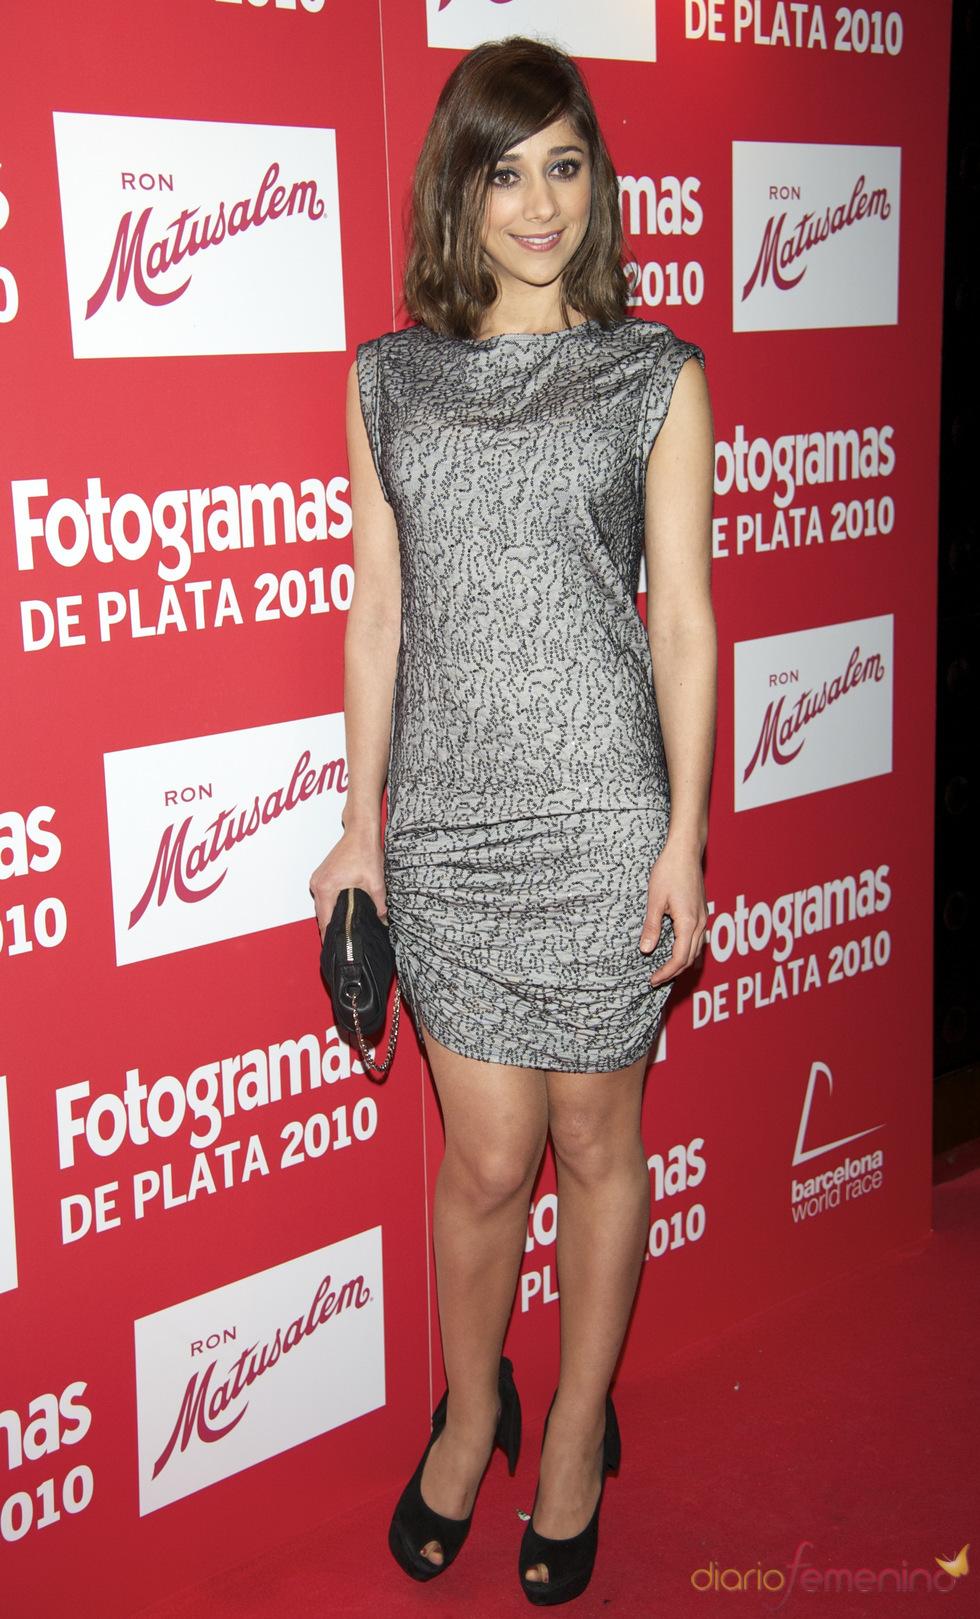 Mariam Hernández en los Premios Fotogramas de Plata 2010